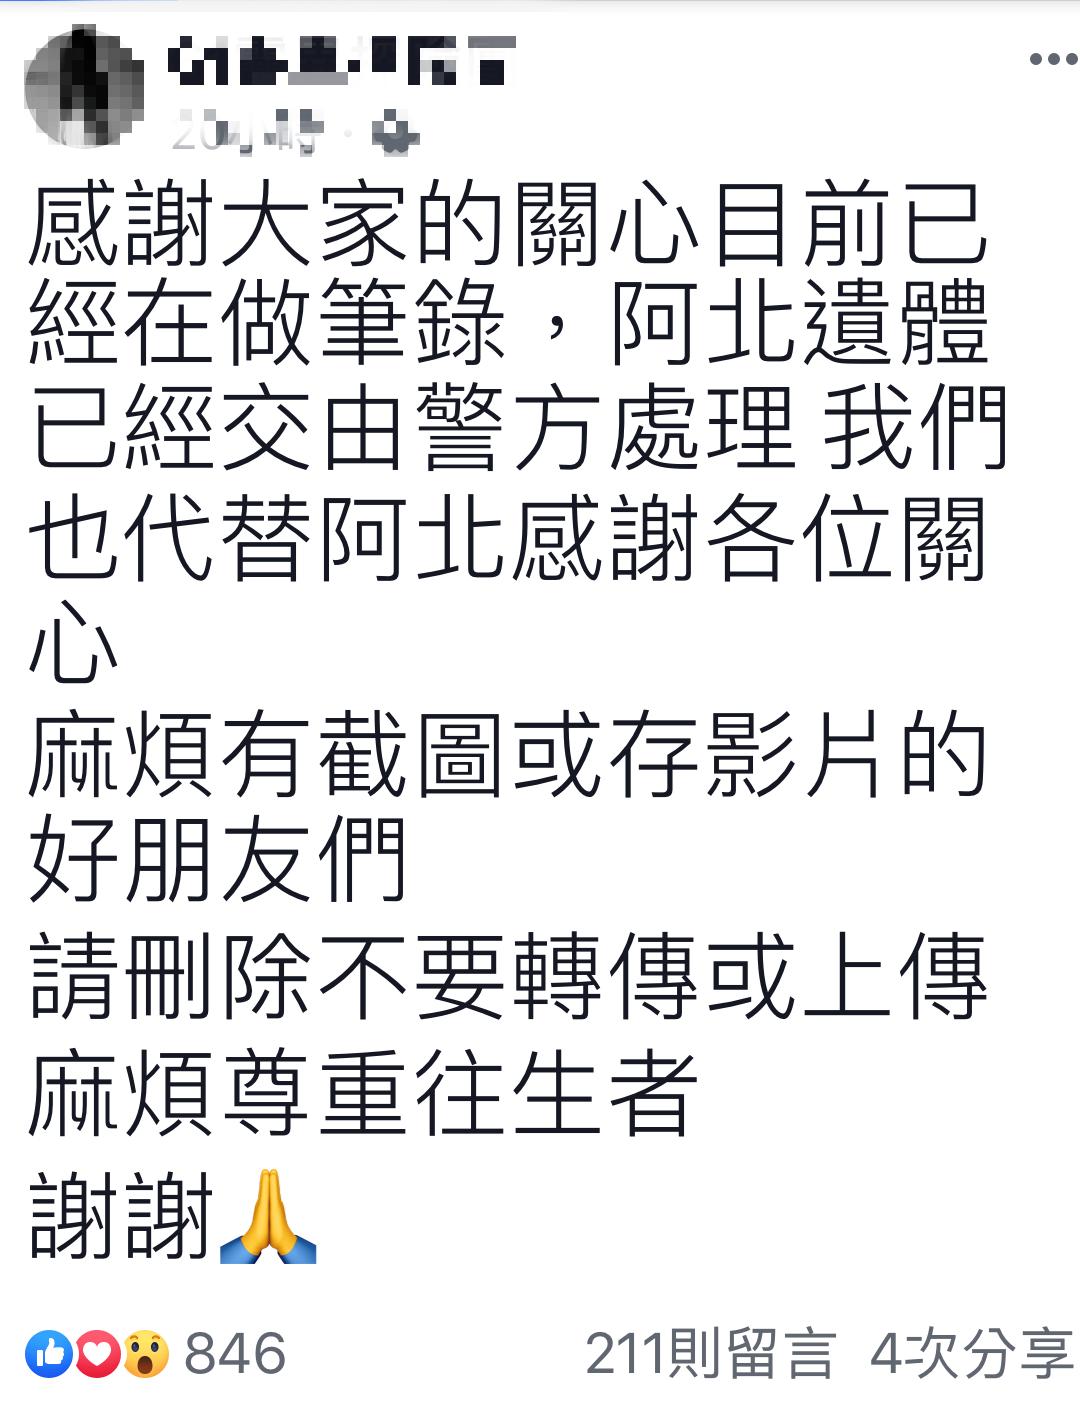 網友在臉書社群PO文發現遺骸的經過,也配合警方調查。圖/翻攝自臉書